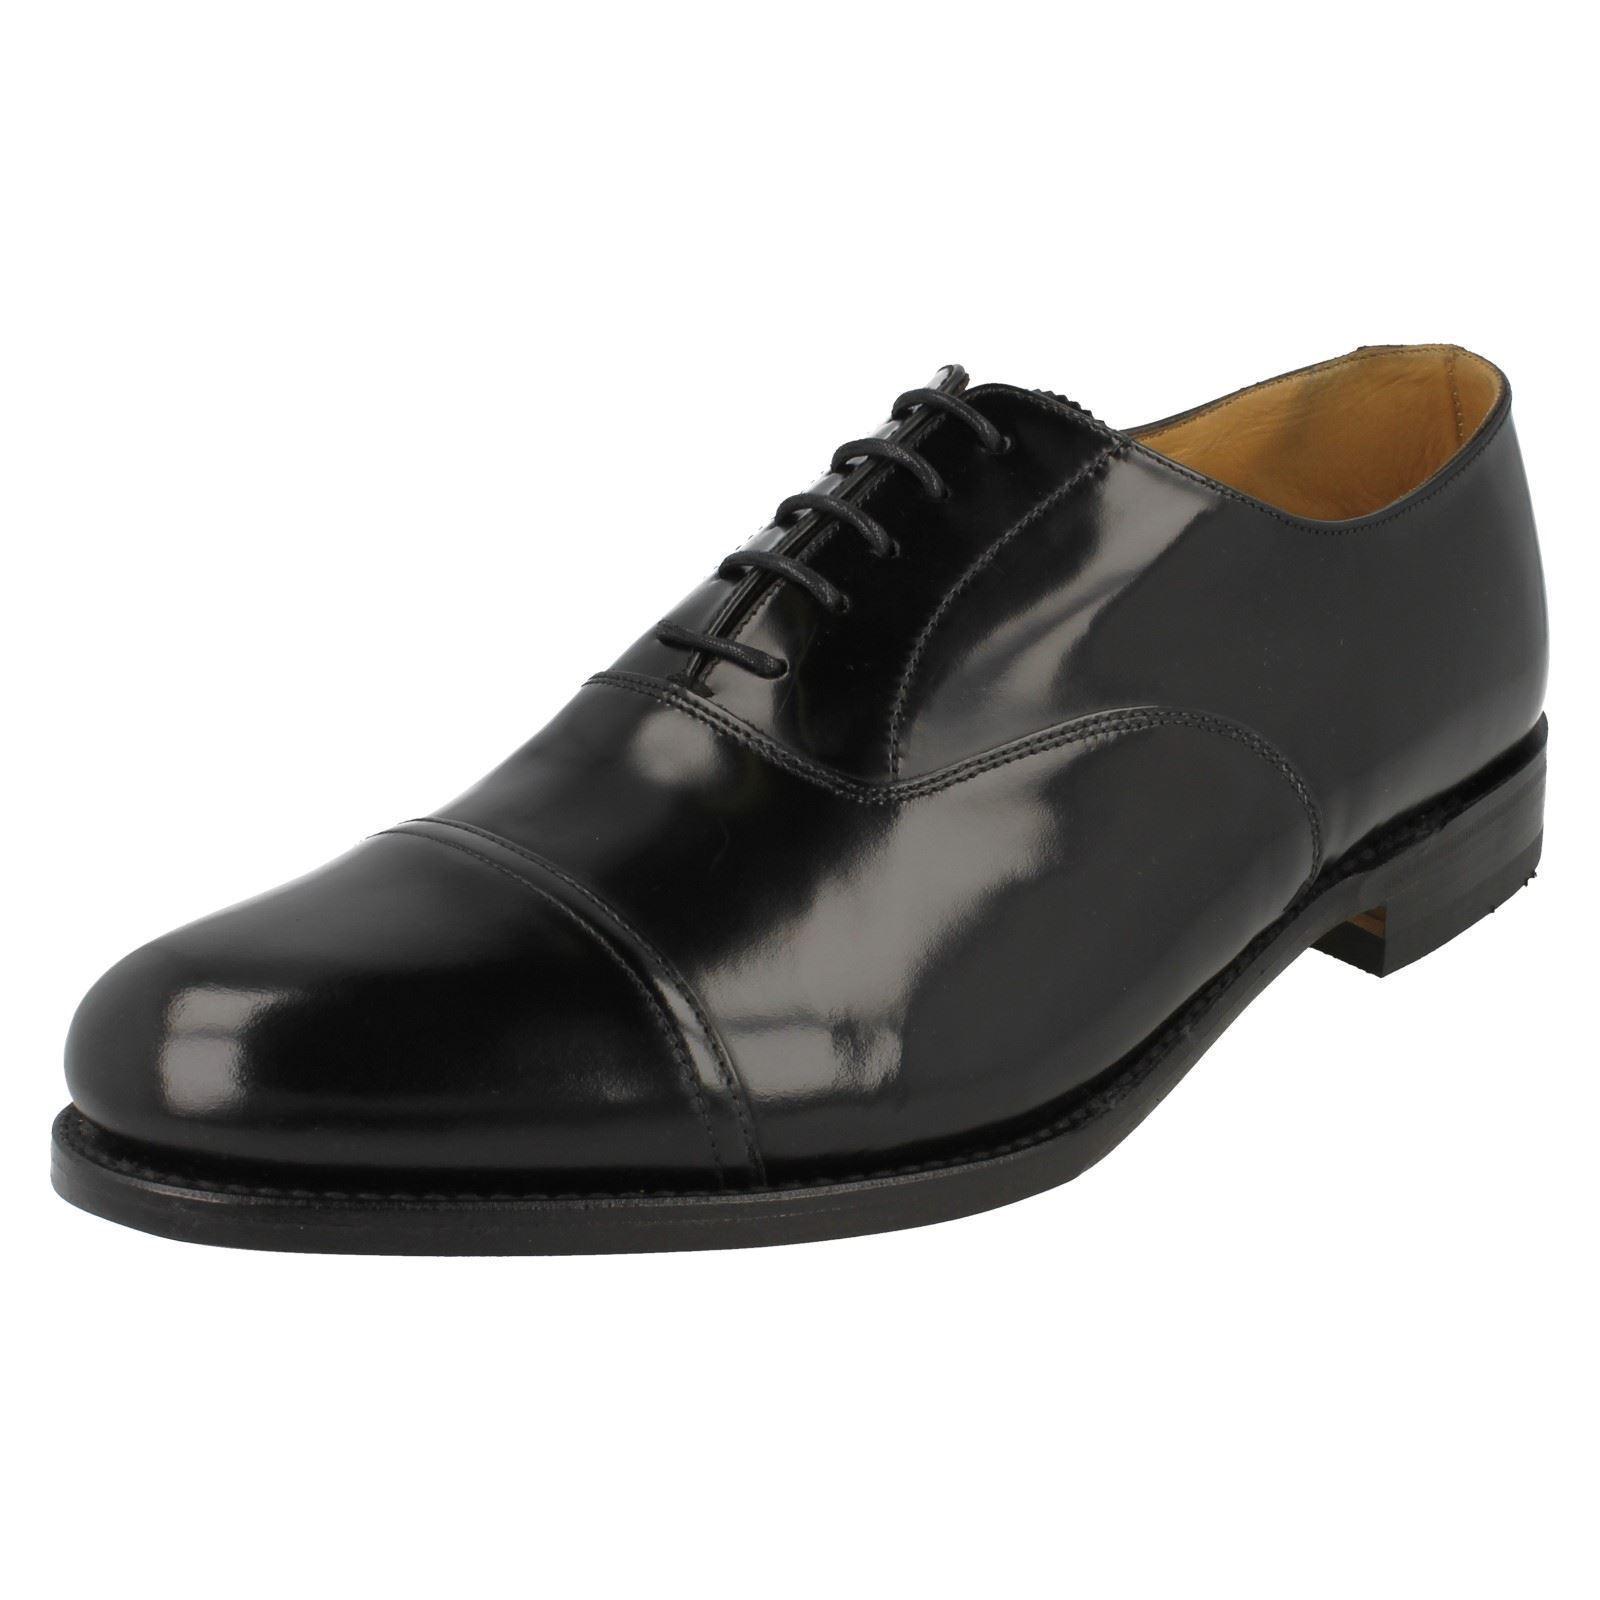 Herren Elland G Passform Schwarzes Leder Zehenkappe Schnürschuhe Schuhe von